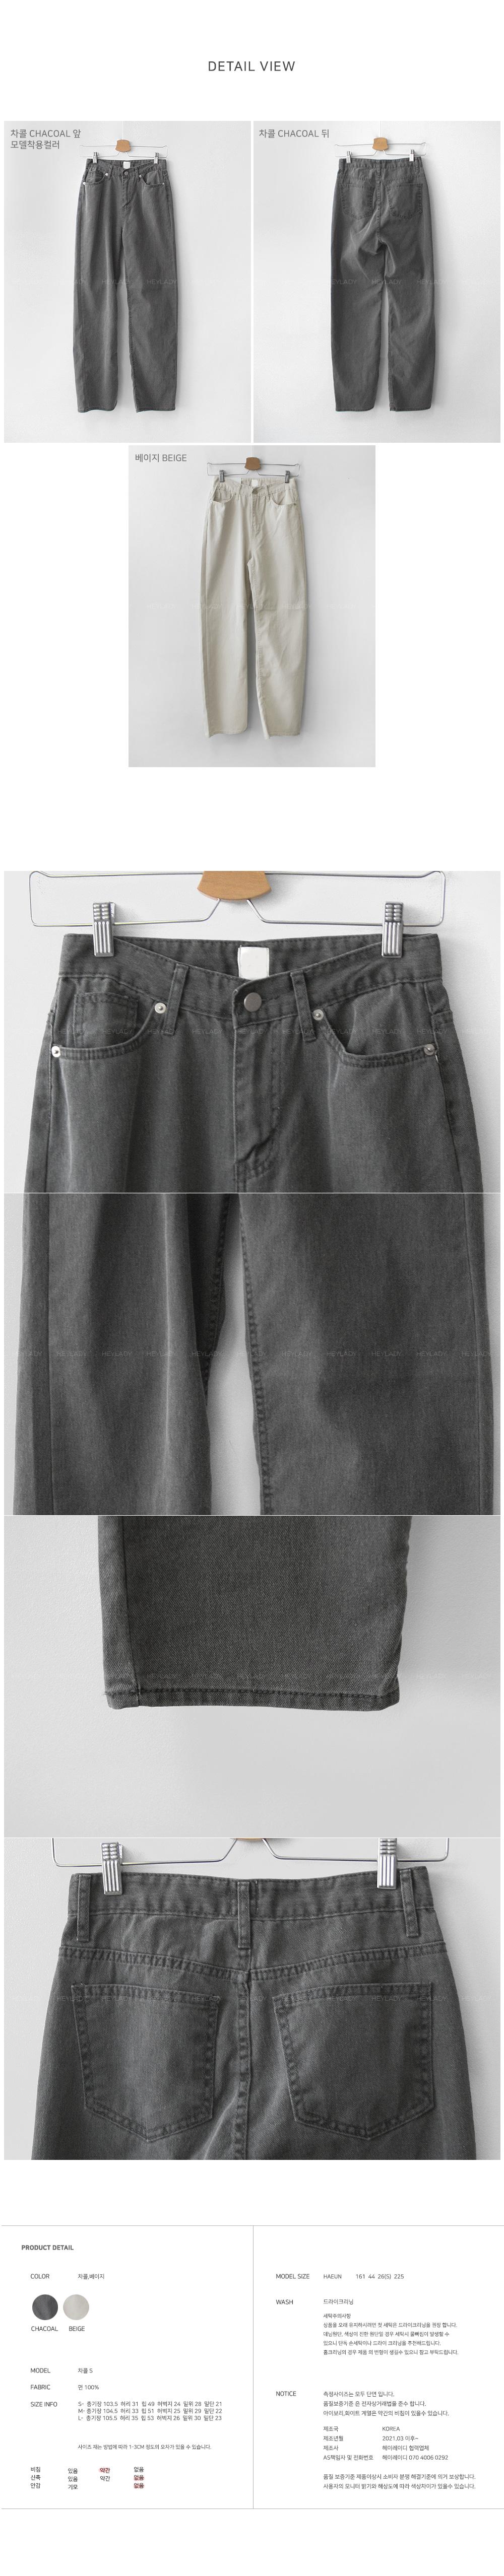 Munt wide cotton pants